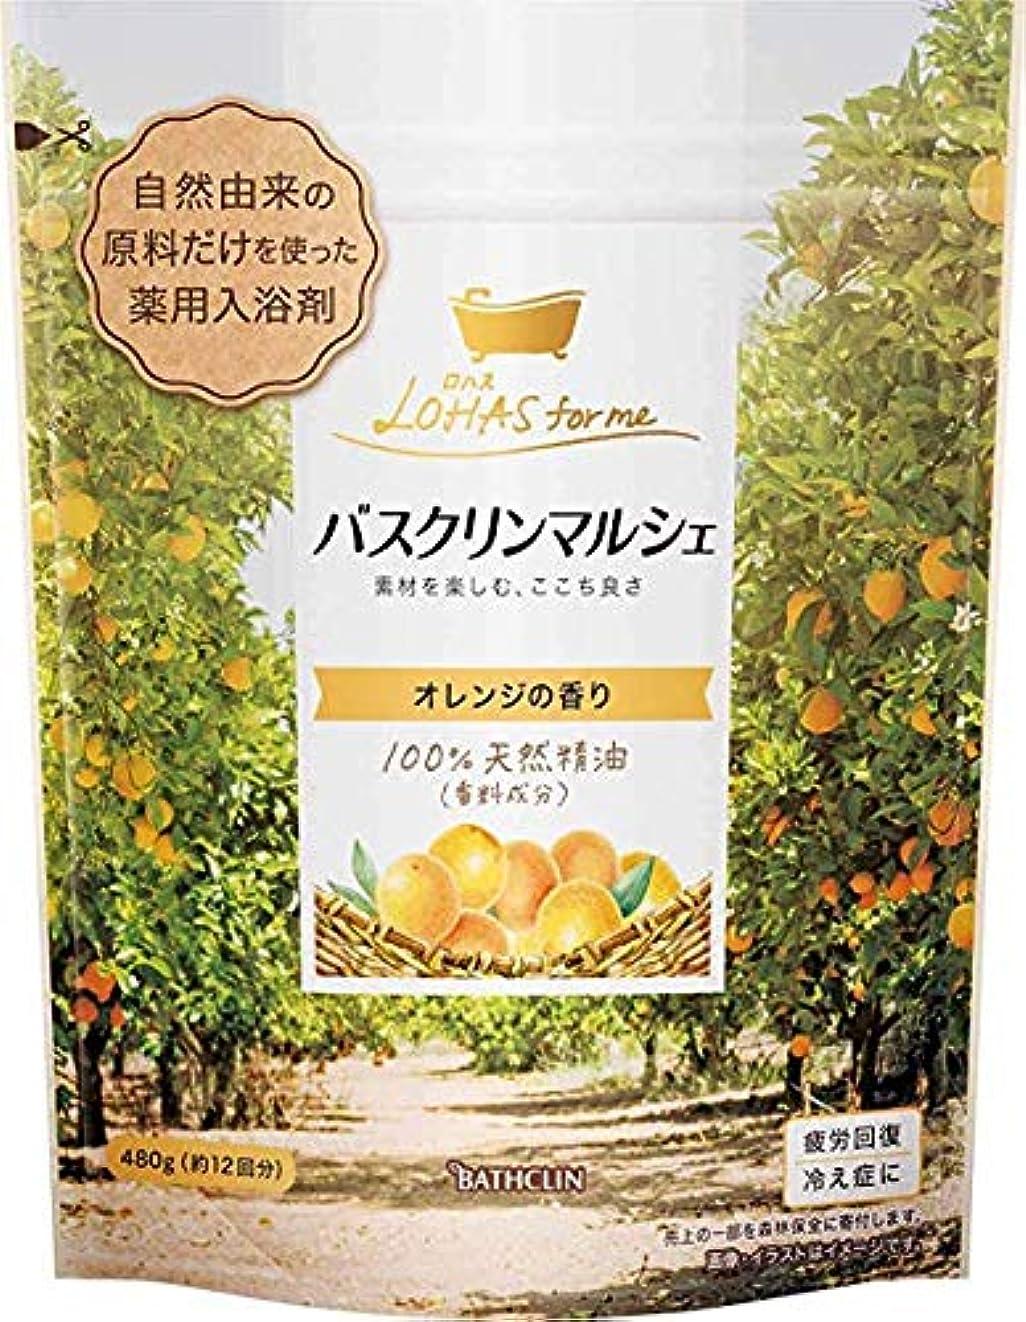 取り消すカプセル人生を作る【合成香料無添加/医薬部外品】バスクリンマルシェオレンジの香り480g入浴剤